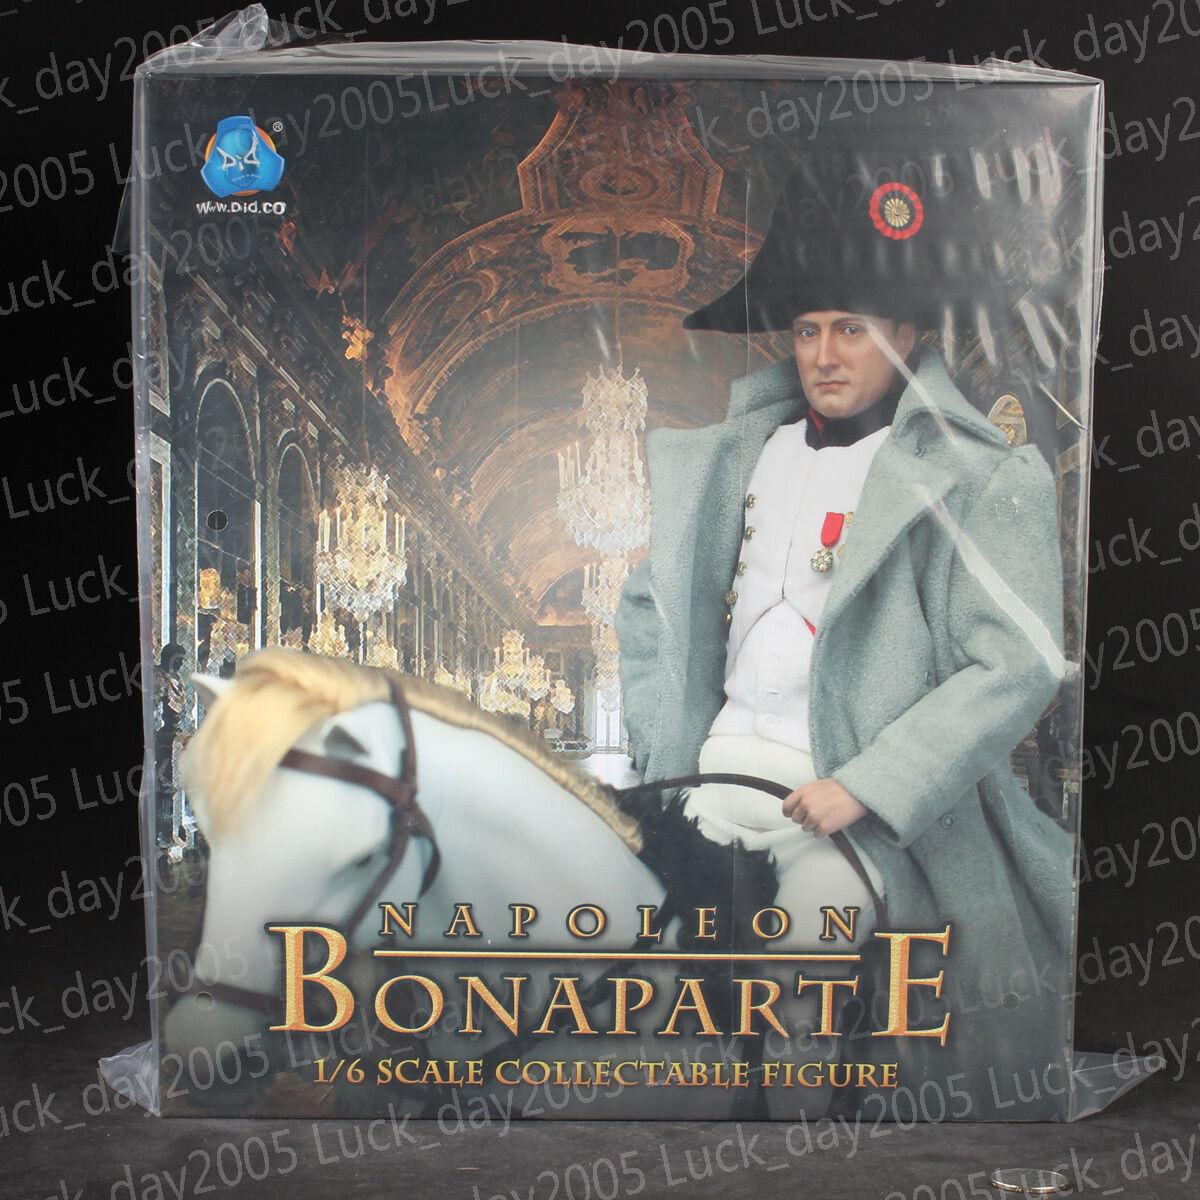 Hizo N80121 emperador de los franceses Napoleón Bonaparte figura de 1/6